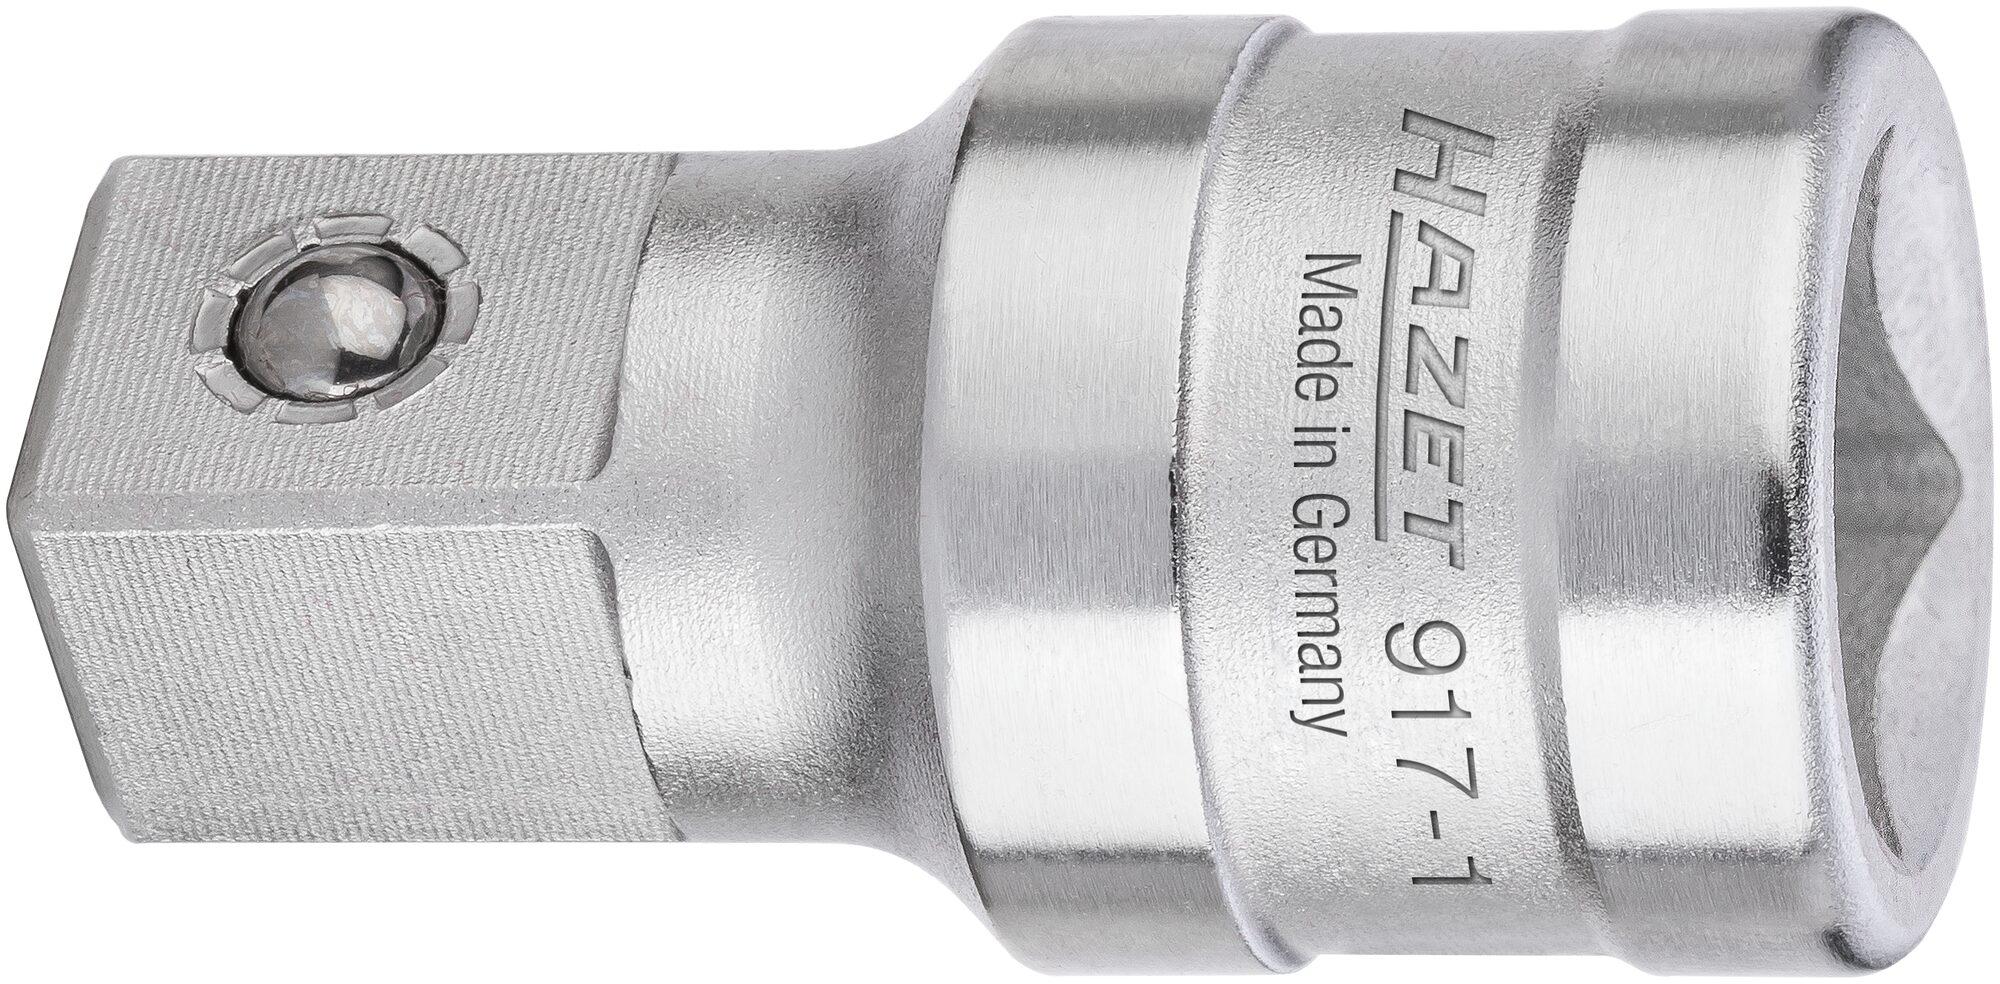 HAZET Verlängerung 917-1 ∙ Vierkant hohl 12,5 mm (1/2 Zoll) ∙ Vierkant massiv 12,5 mm (1/2 Zoll)